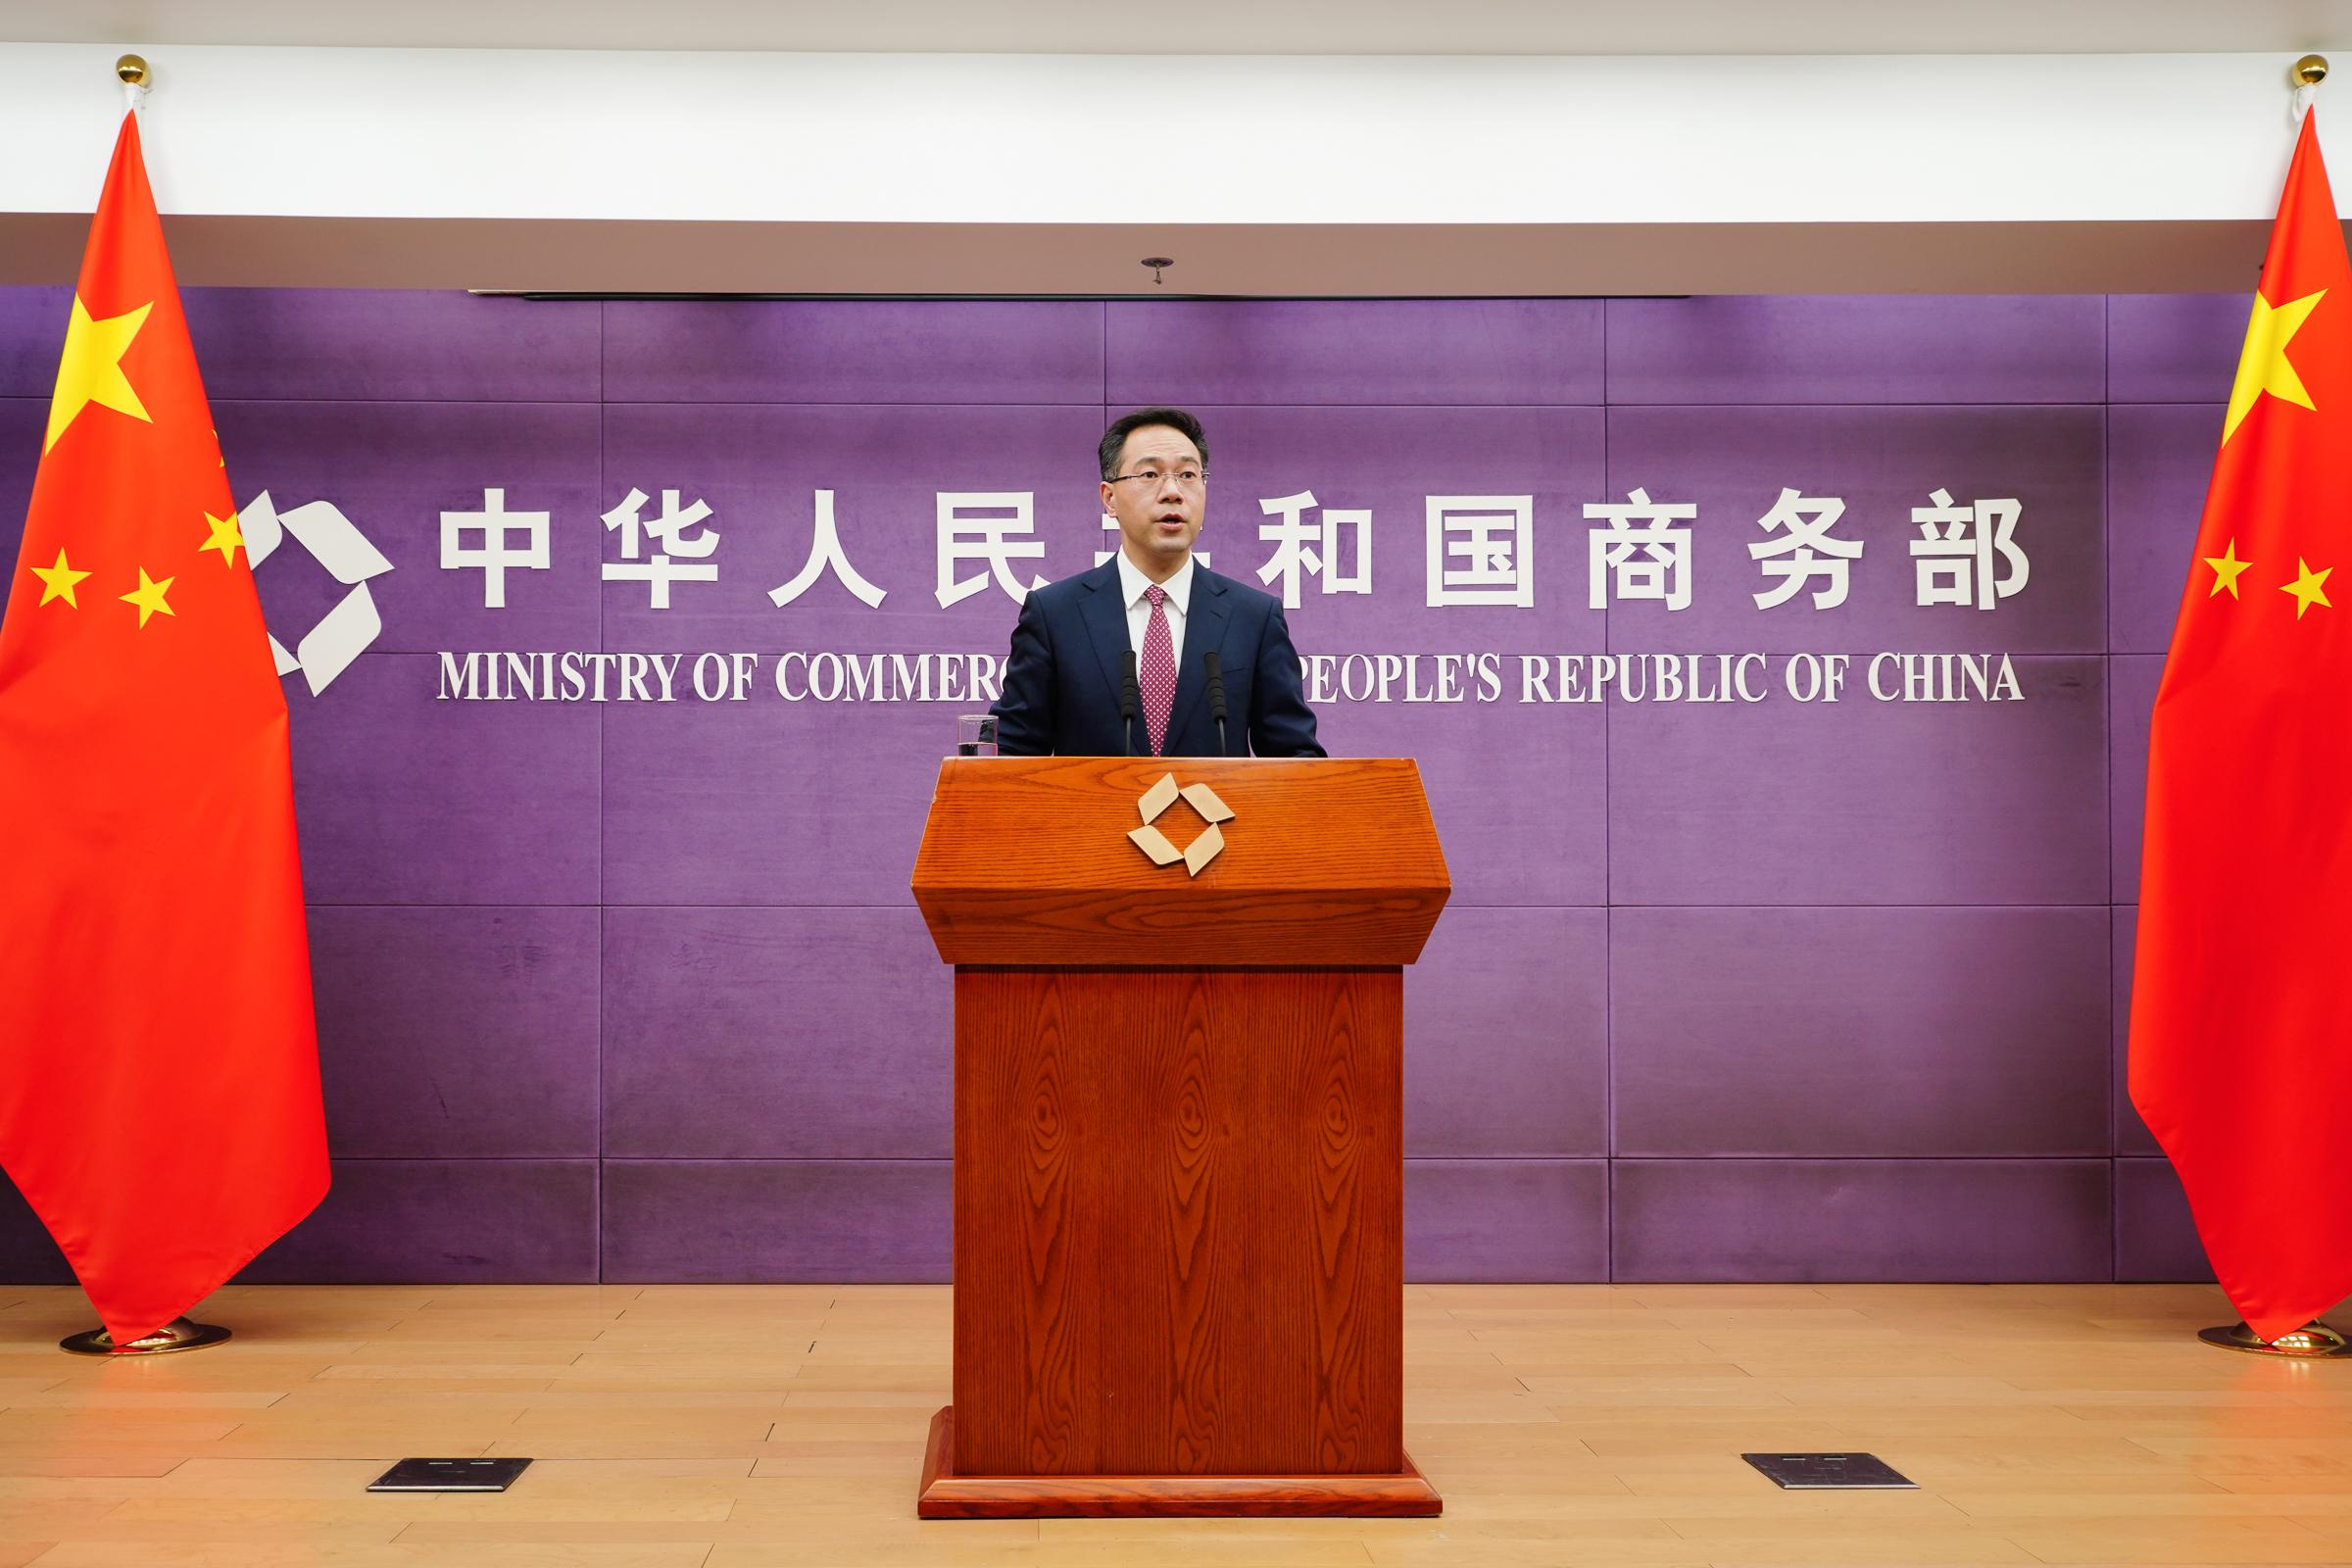 商务部新闻发言人高峰 澎湃新闻记者 周頔 摄